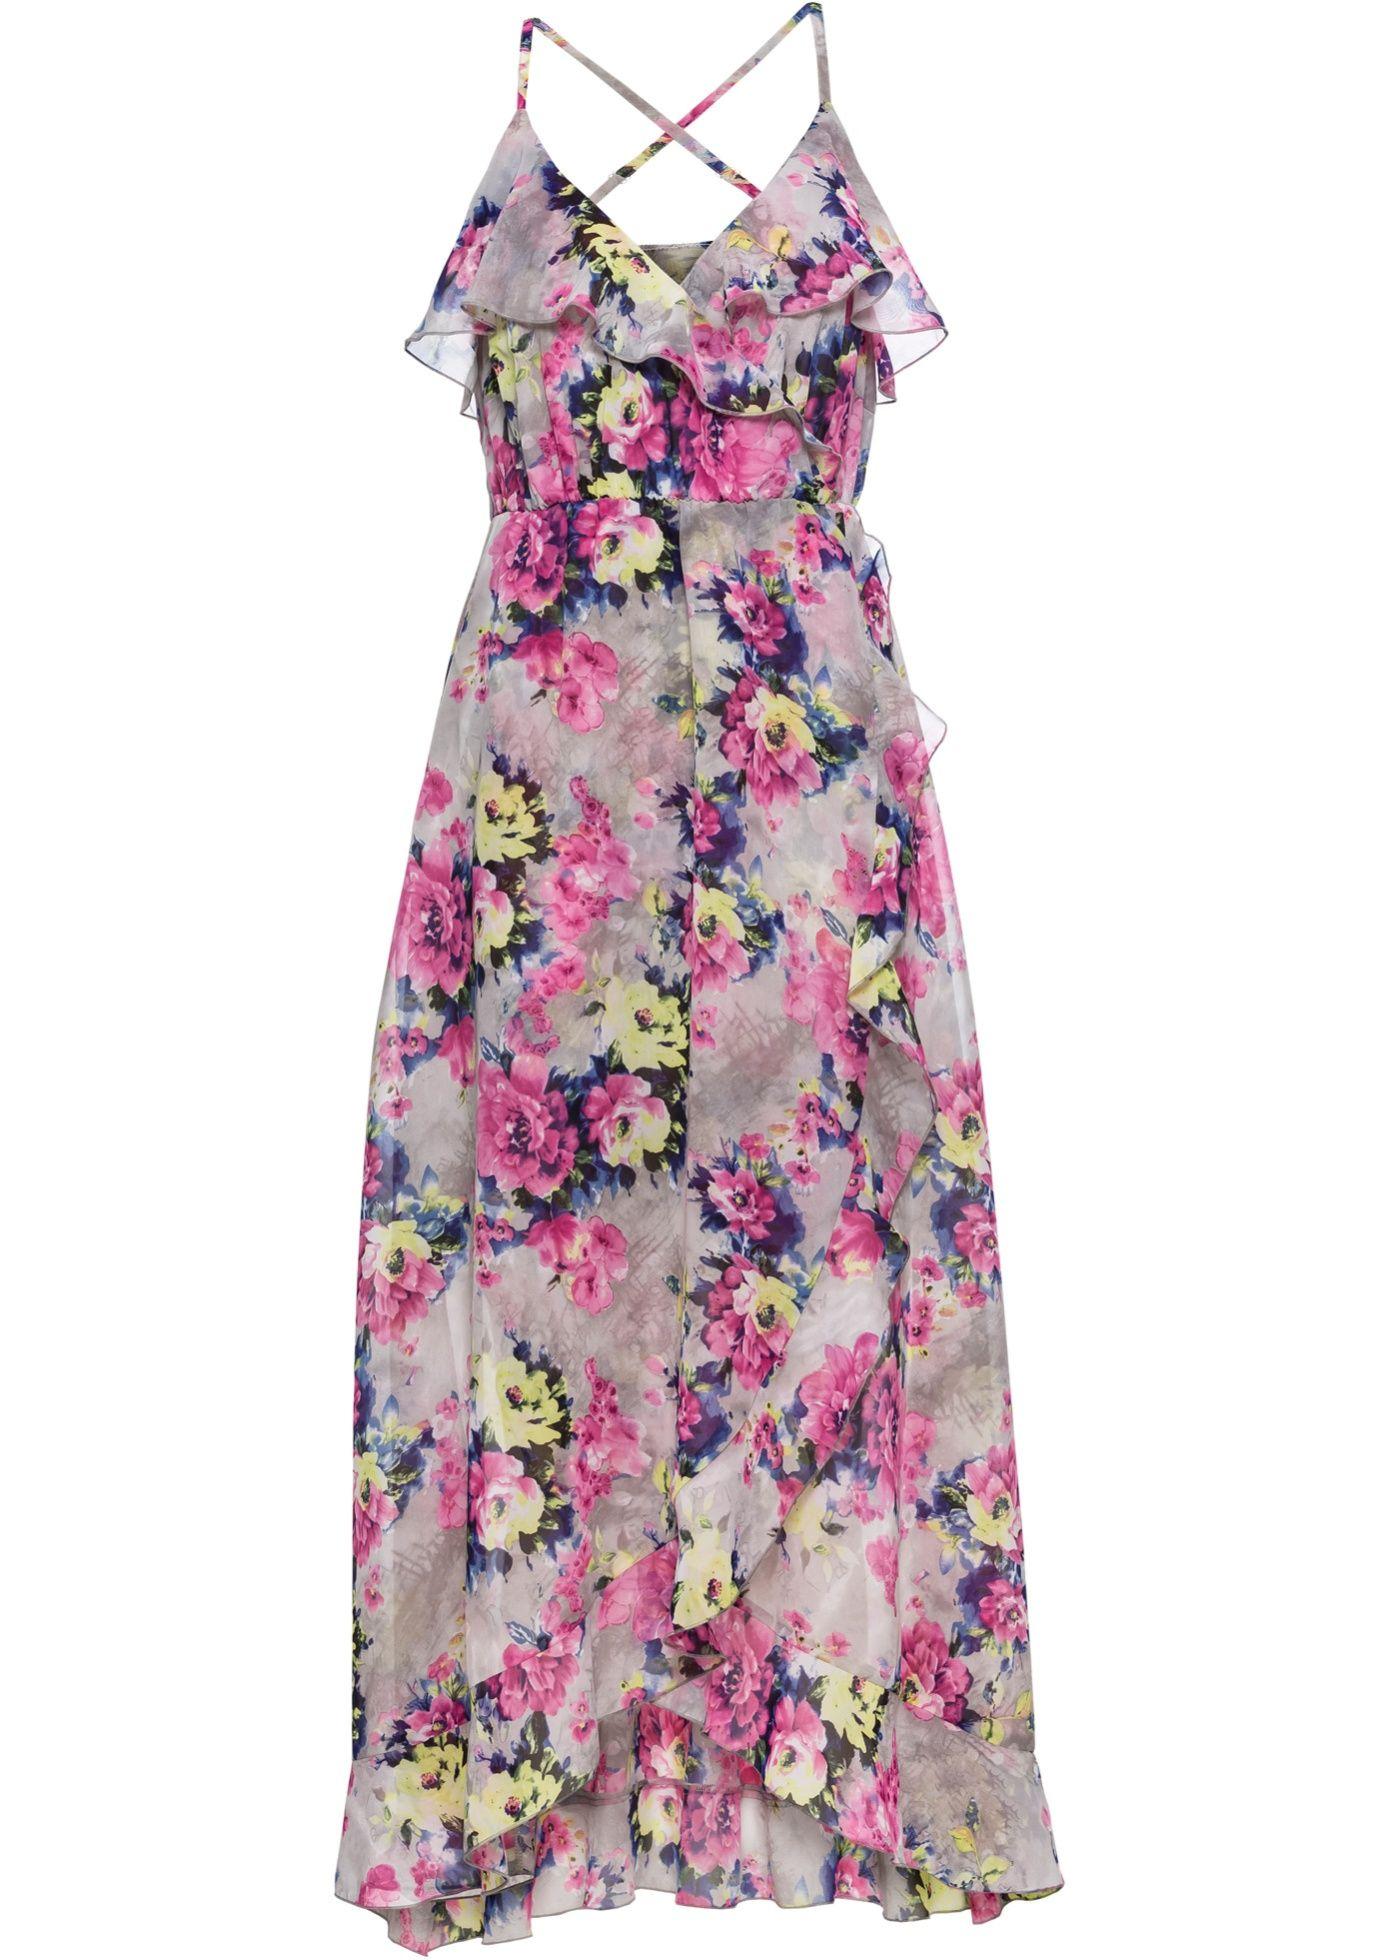 Midikleid mit Blumenprint | Kleid arbeit, Neues kleid und ...